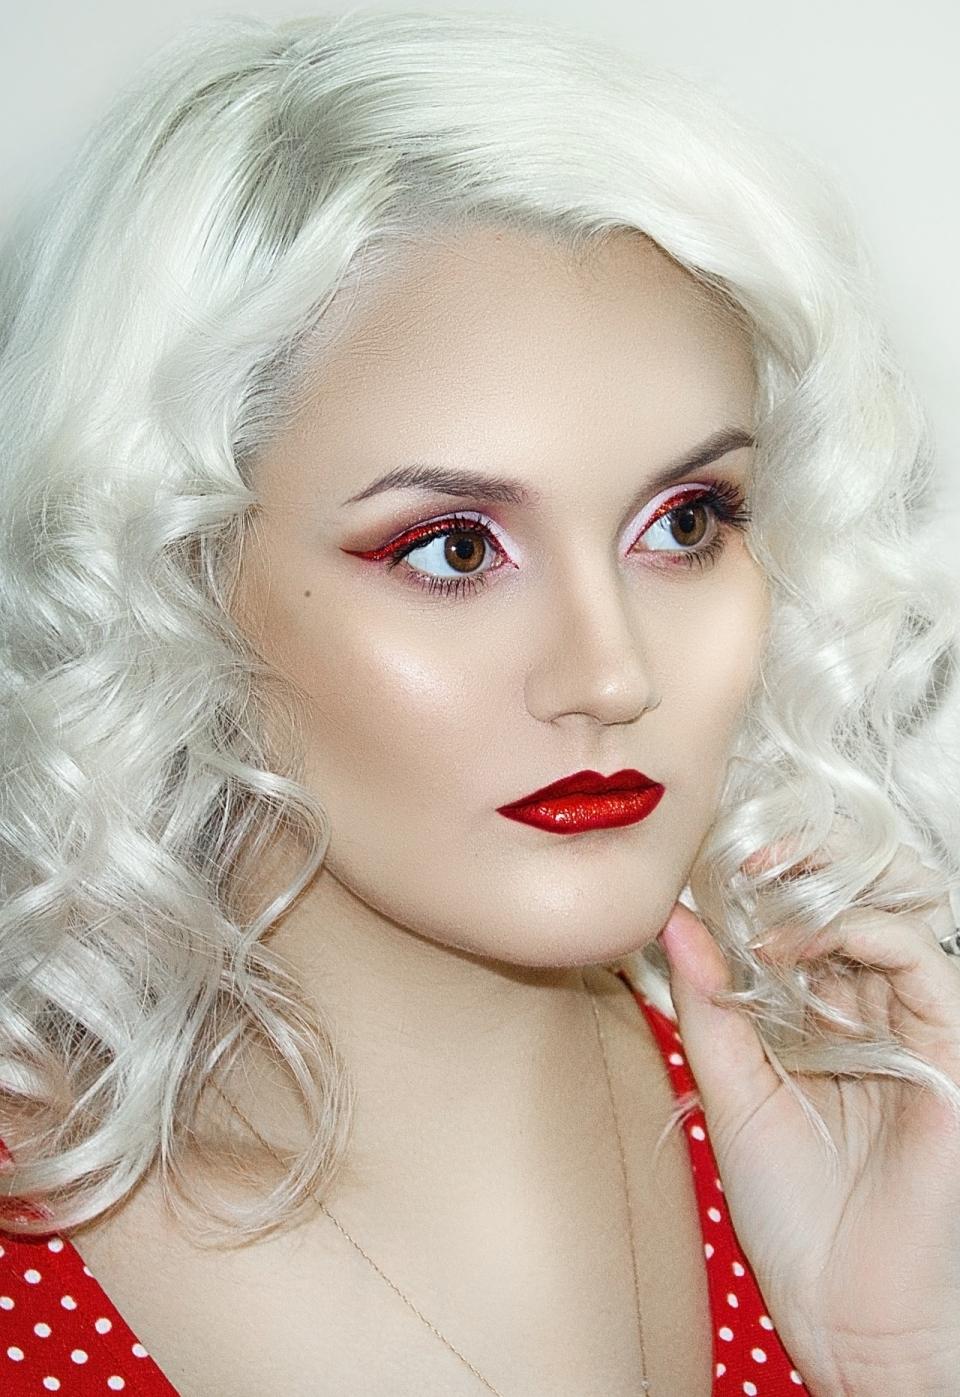 室内白色墙壁银色卷发时尚彩妆美女